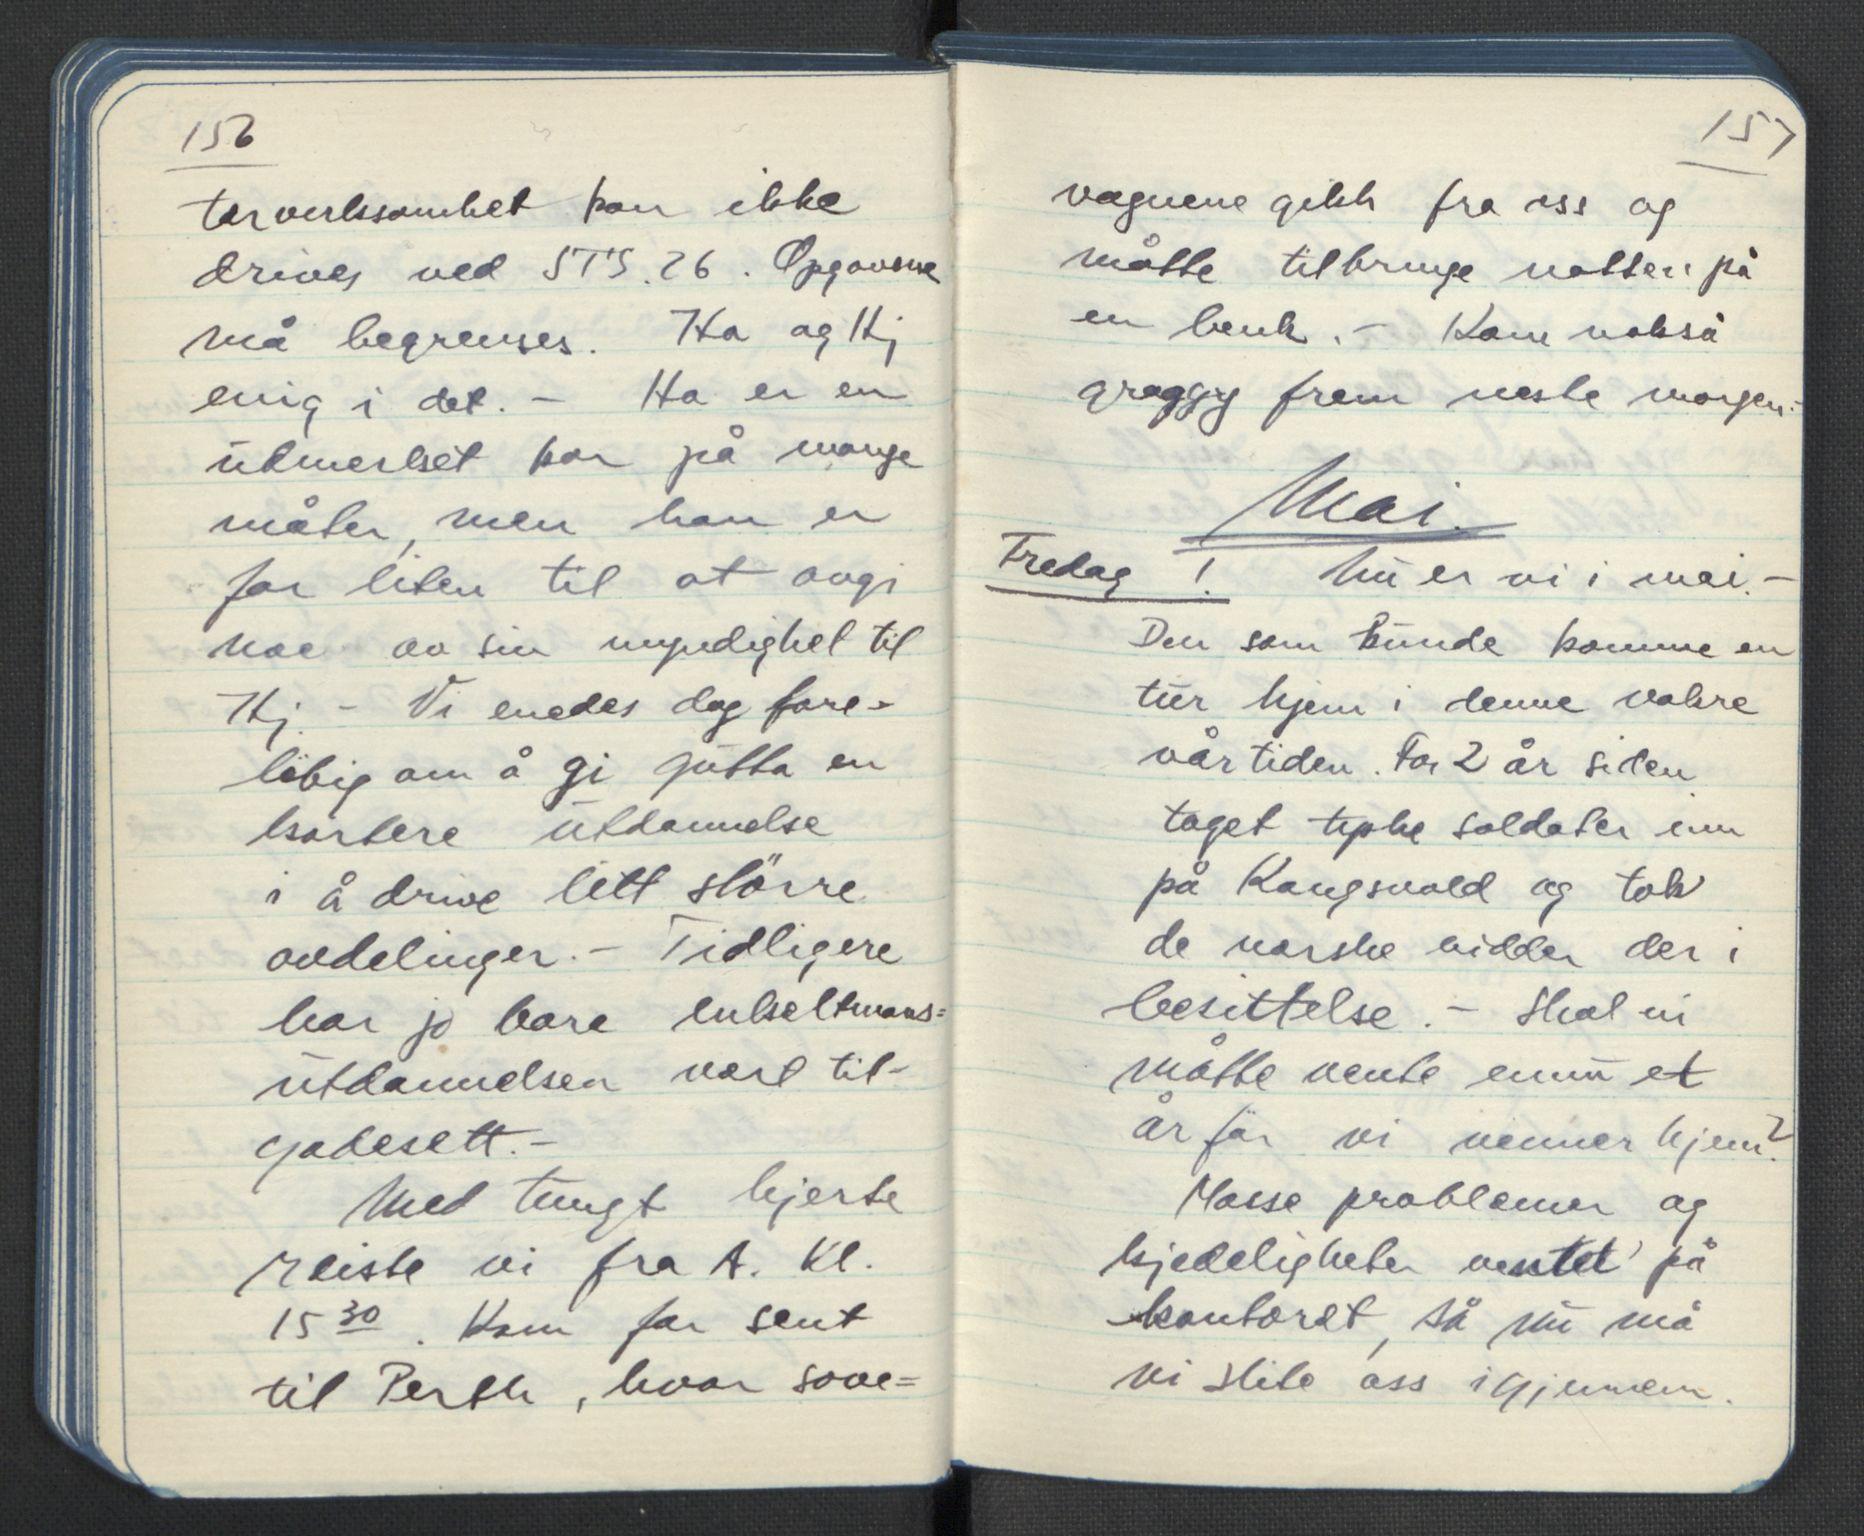 RA, Tronstad, Leif, F/L0001: Dagbøker, 1941-1945, s. 162